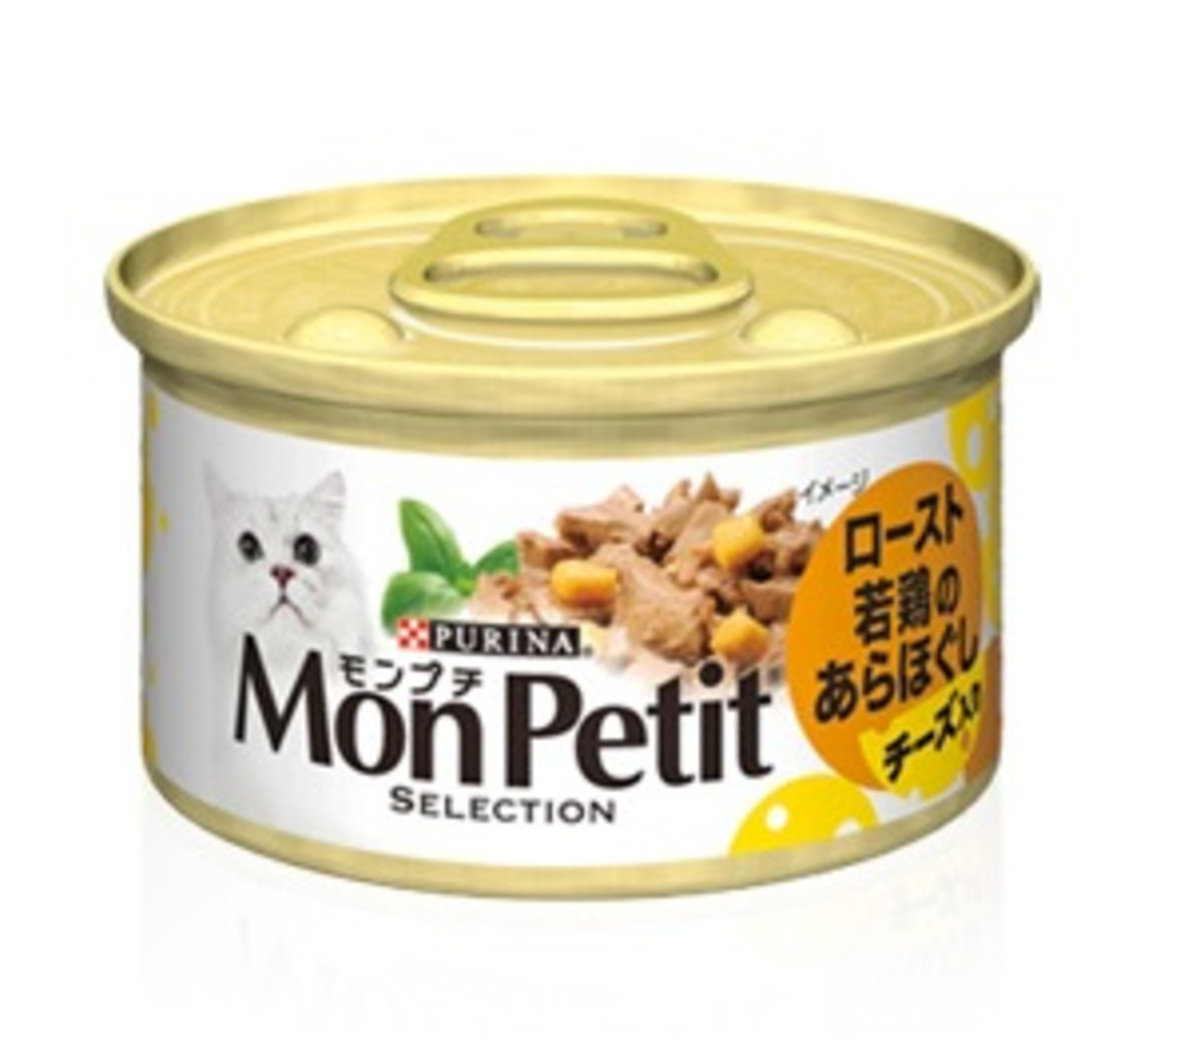 至尊燒汁雞肉伴芝士貓罐頭